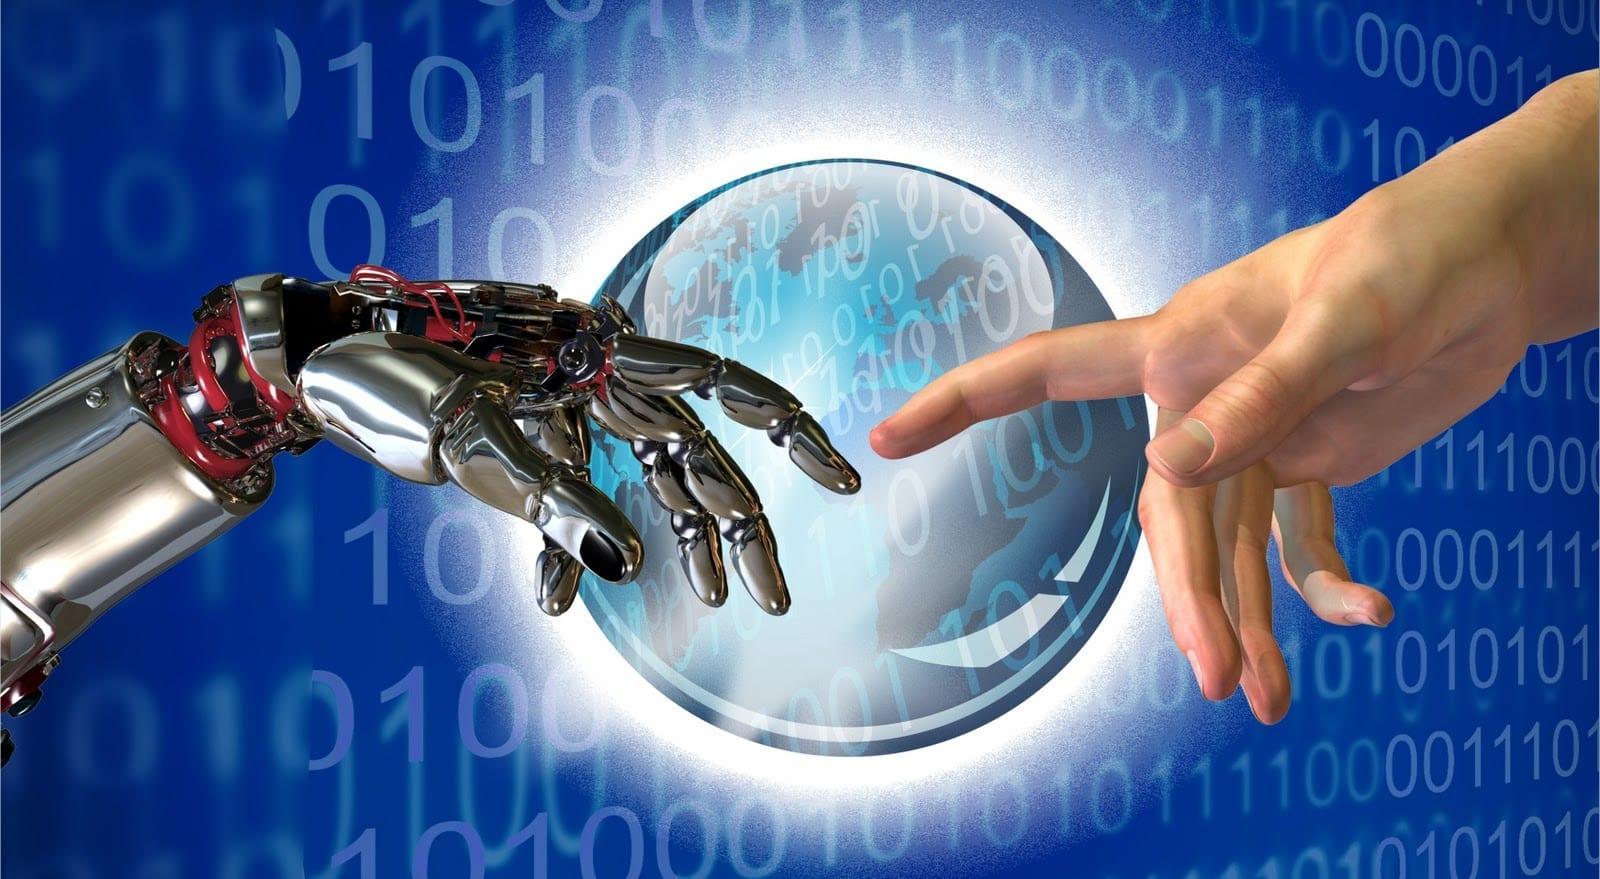 ciencia y tecnologia unidas por el vocabulario en ingles